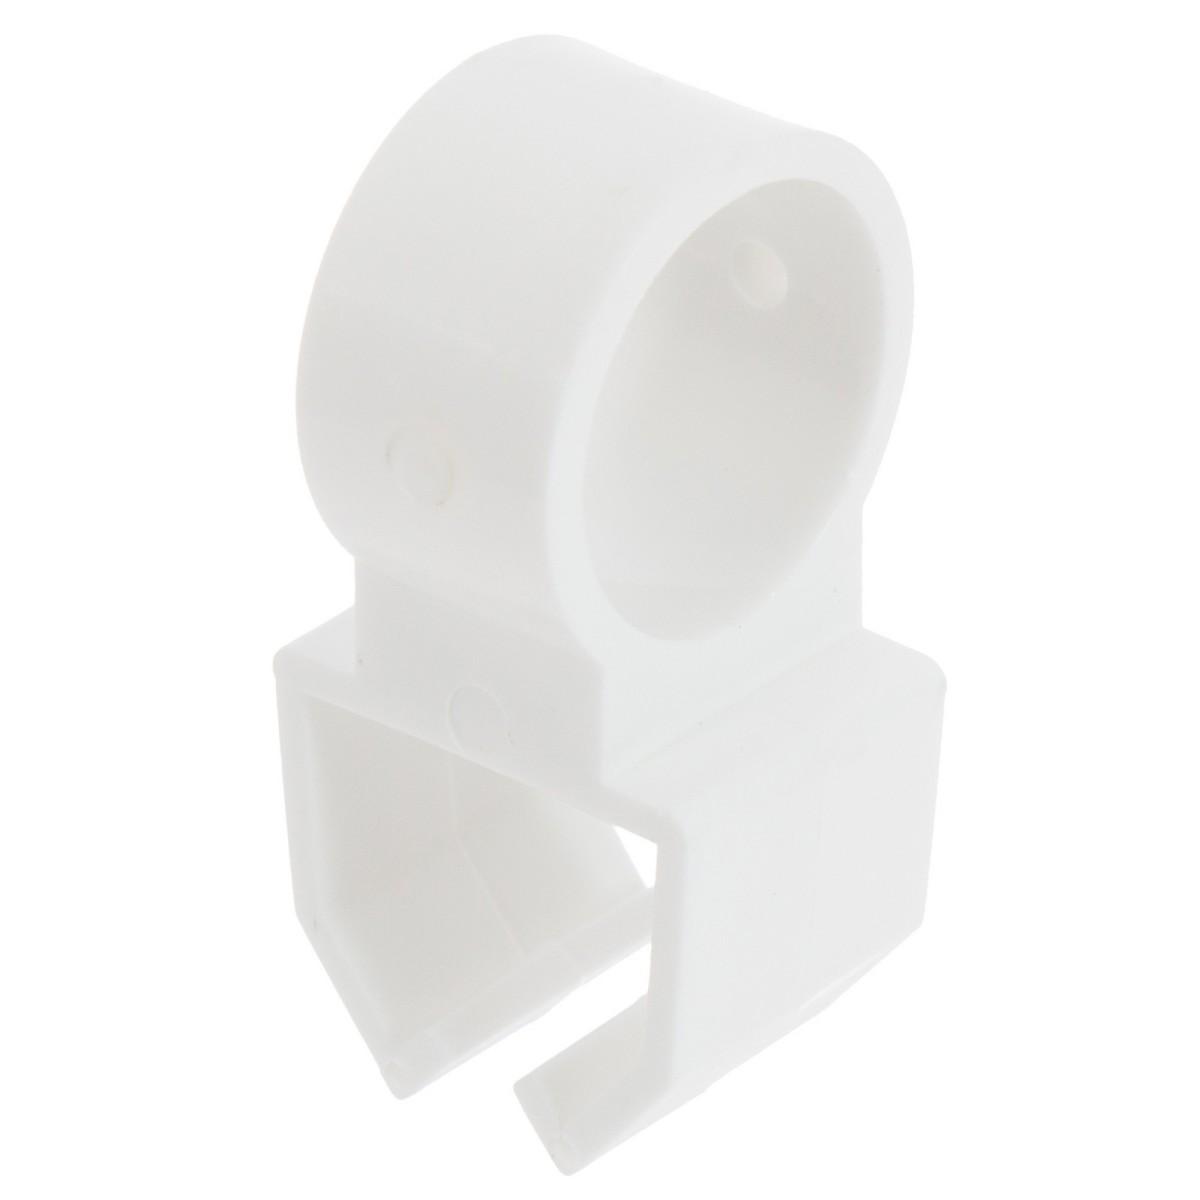 Держатель U-шины цвет белый 2 шт.